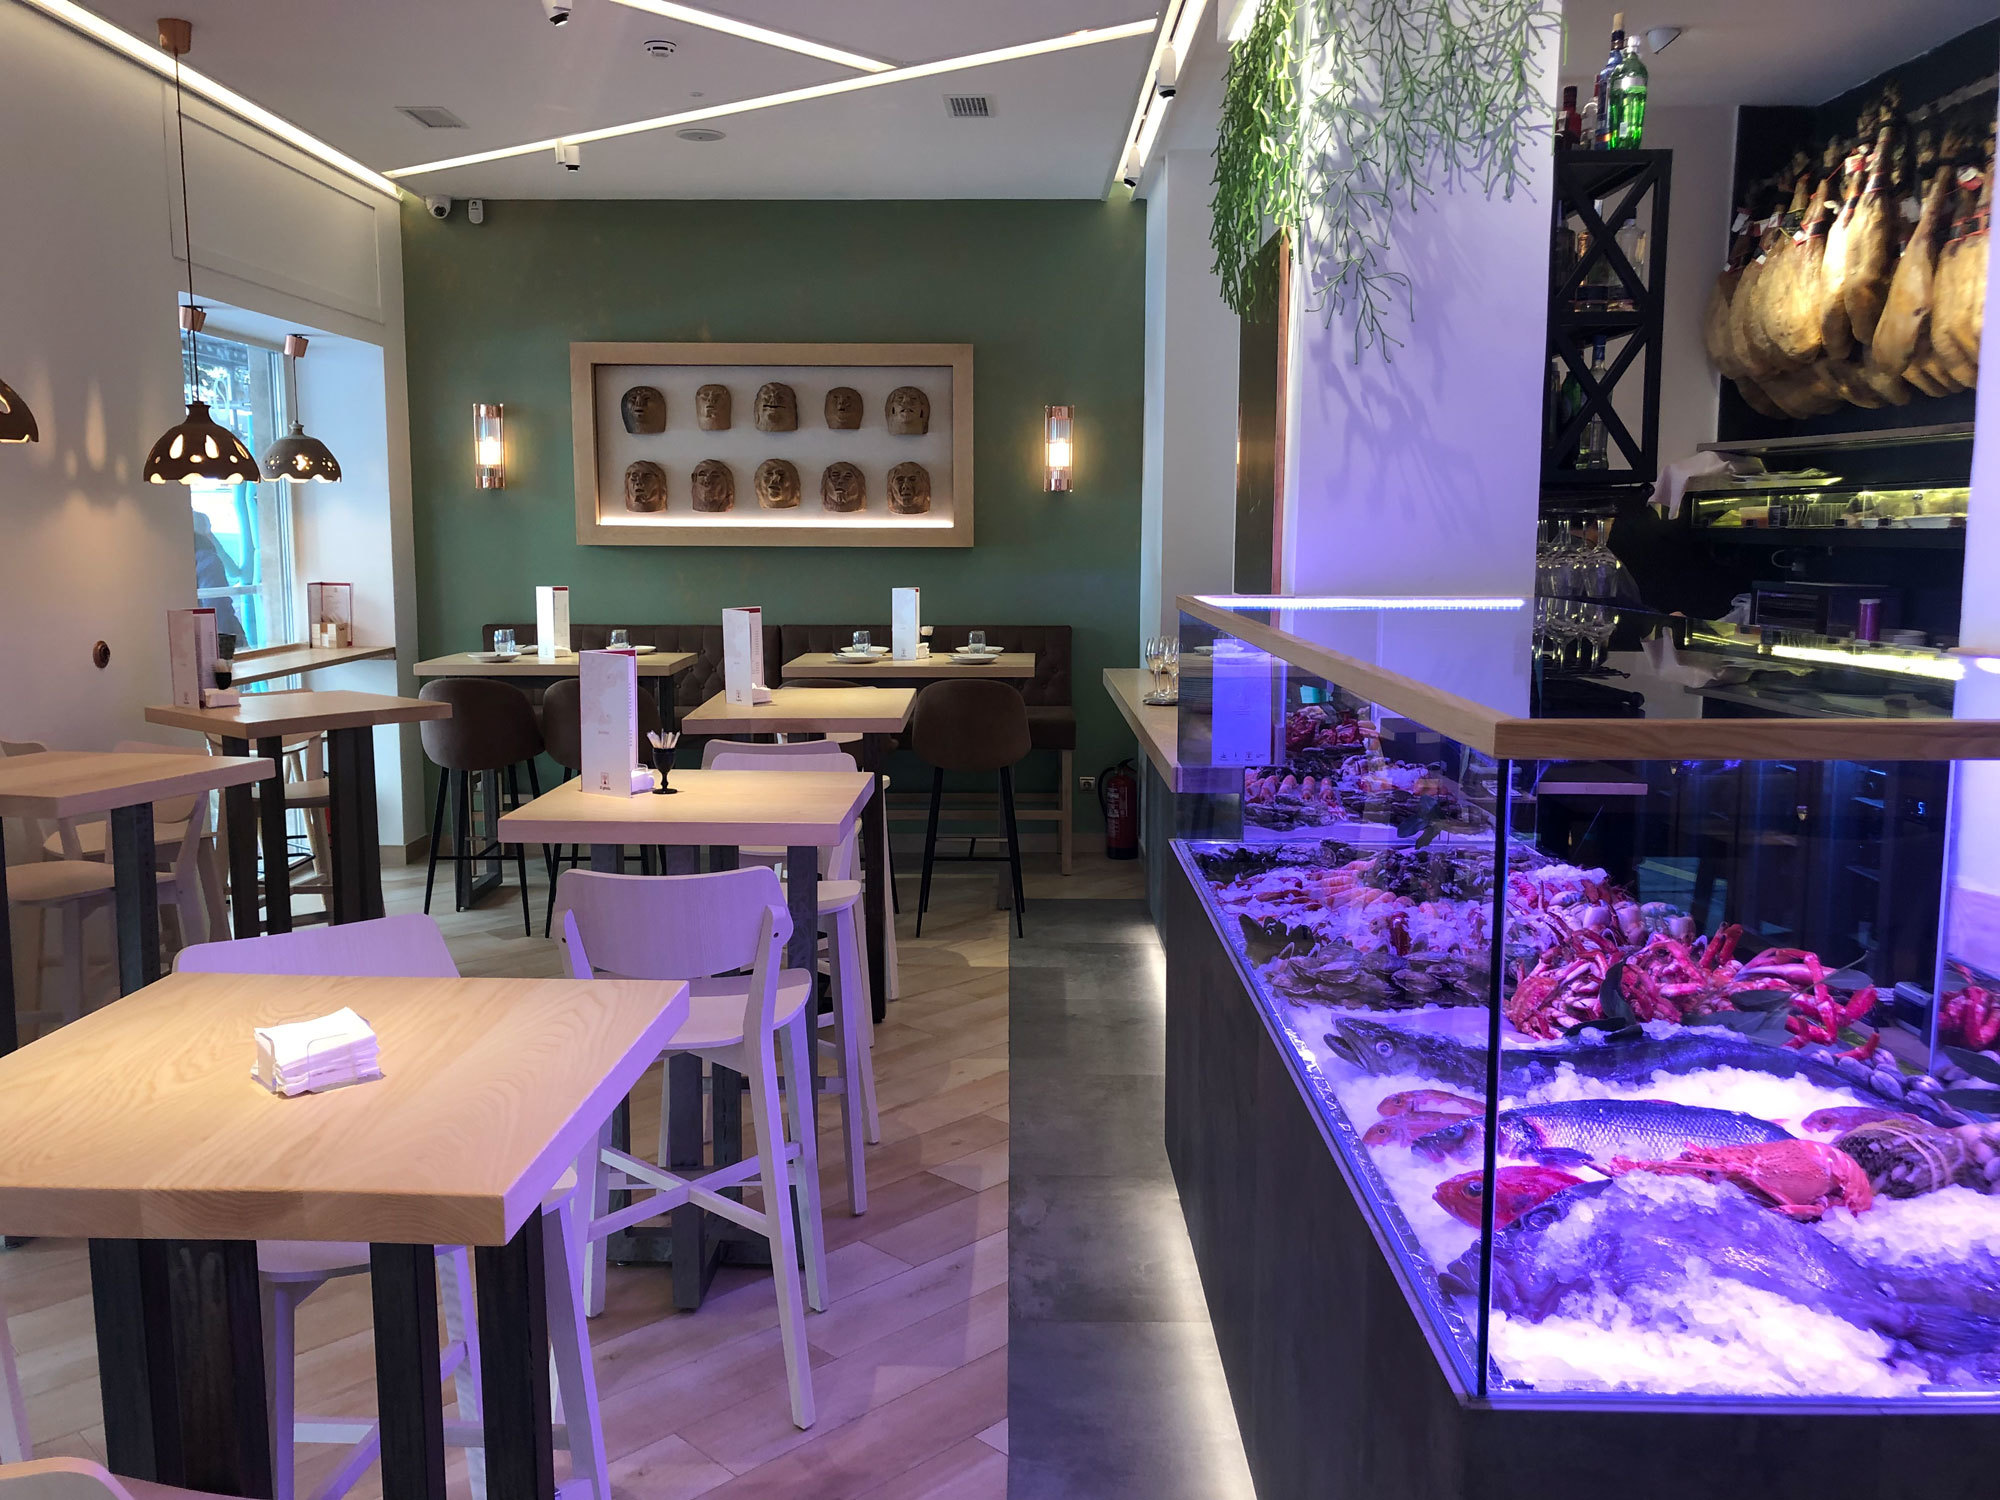 Restaurante Ogrelo, en la calle Menorca, 39.